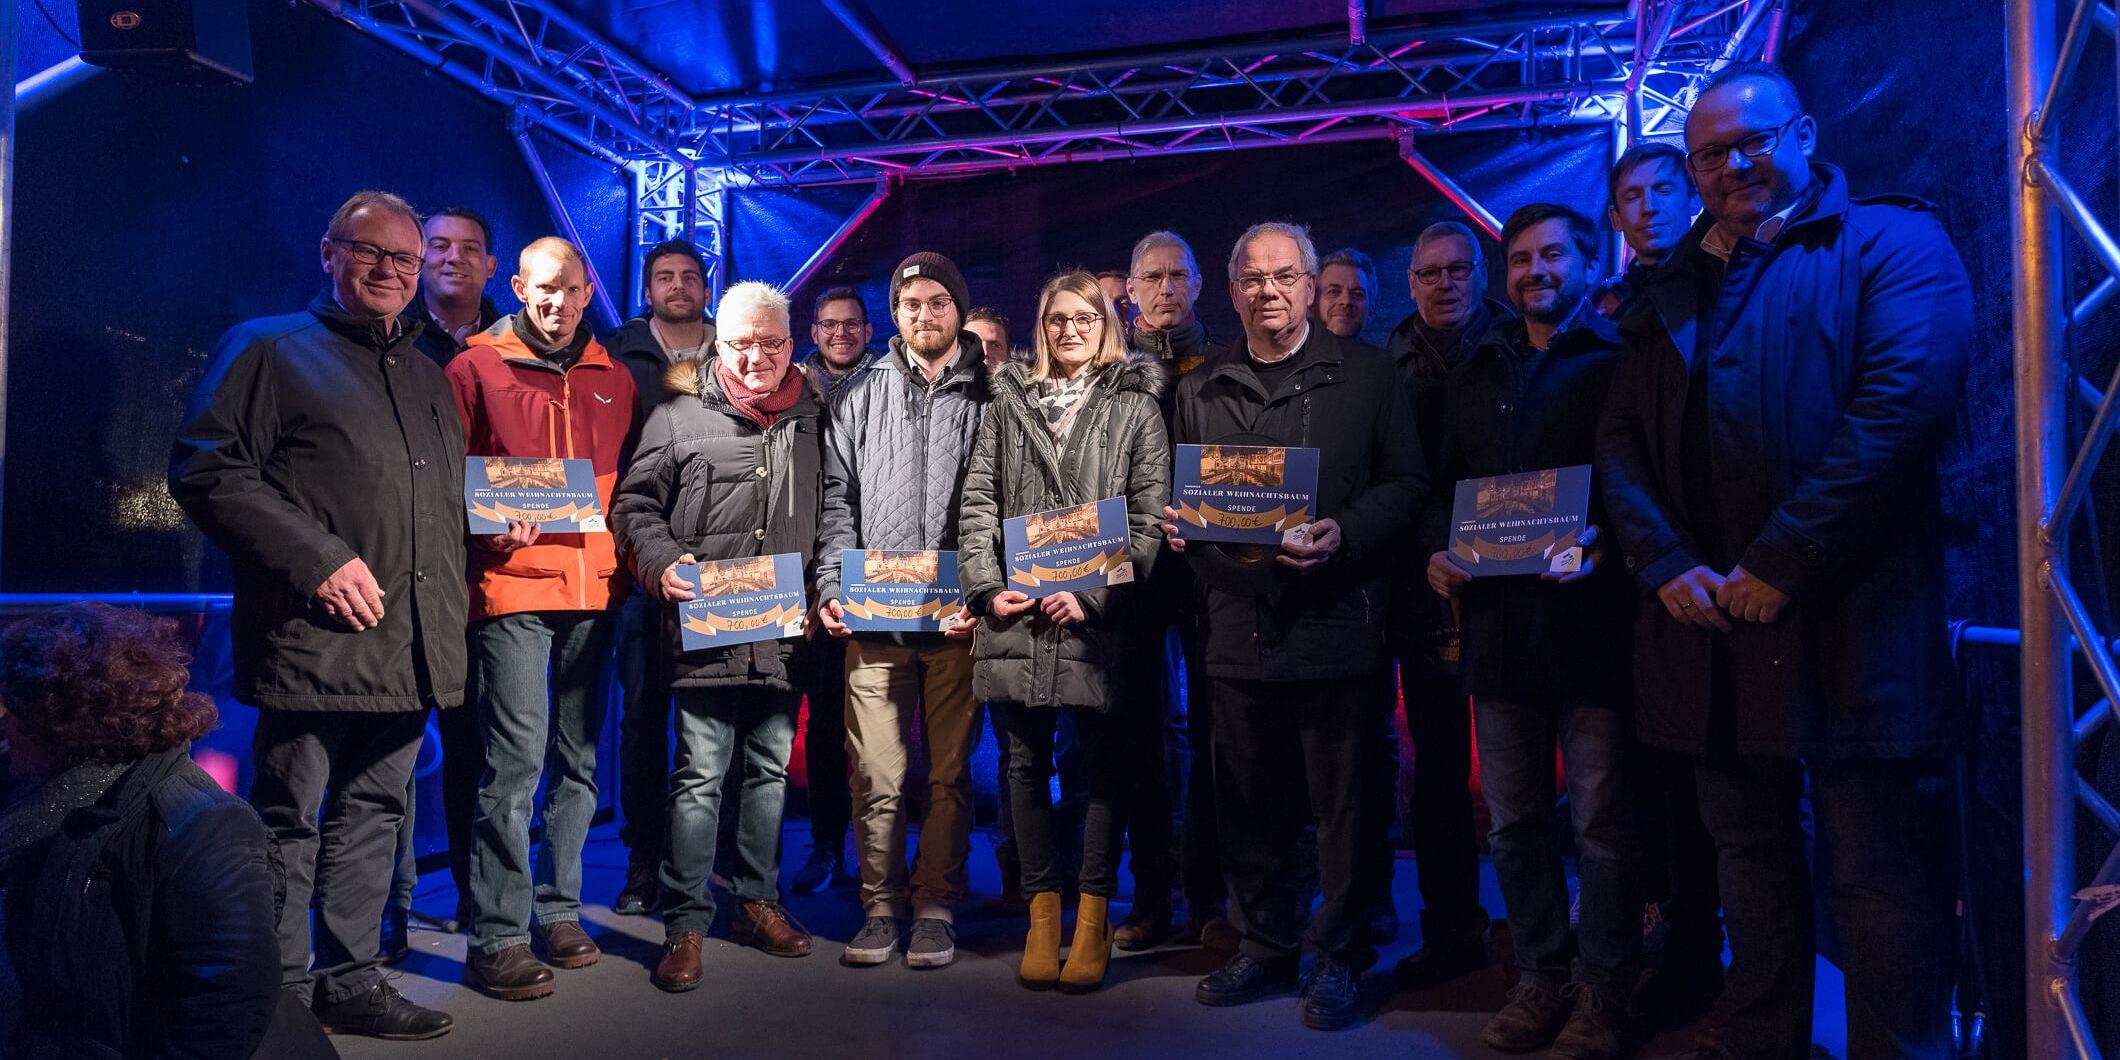 Spendenübergabe der Aktion sozialer Weihnachtsbaum in Saarburg